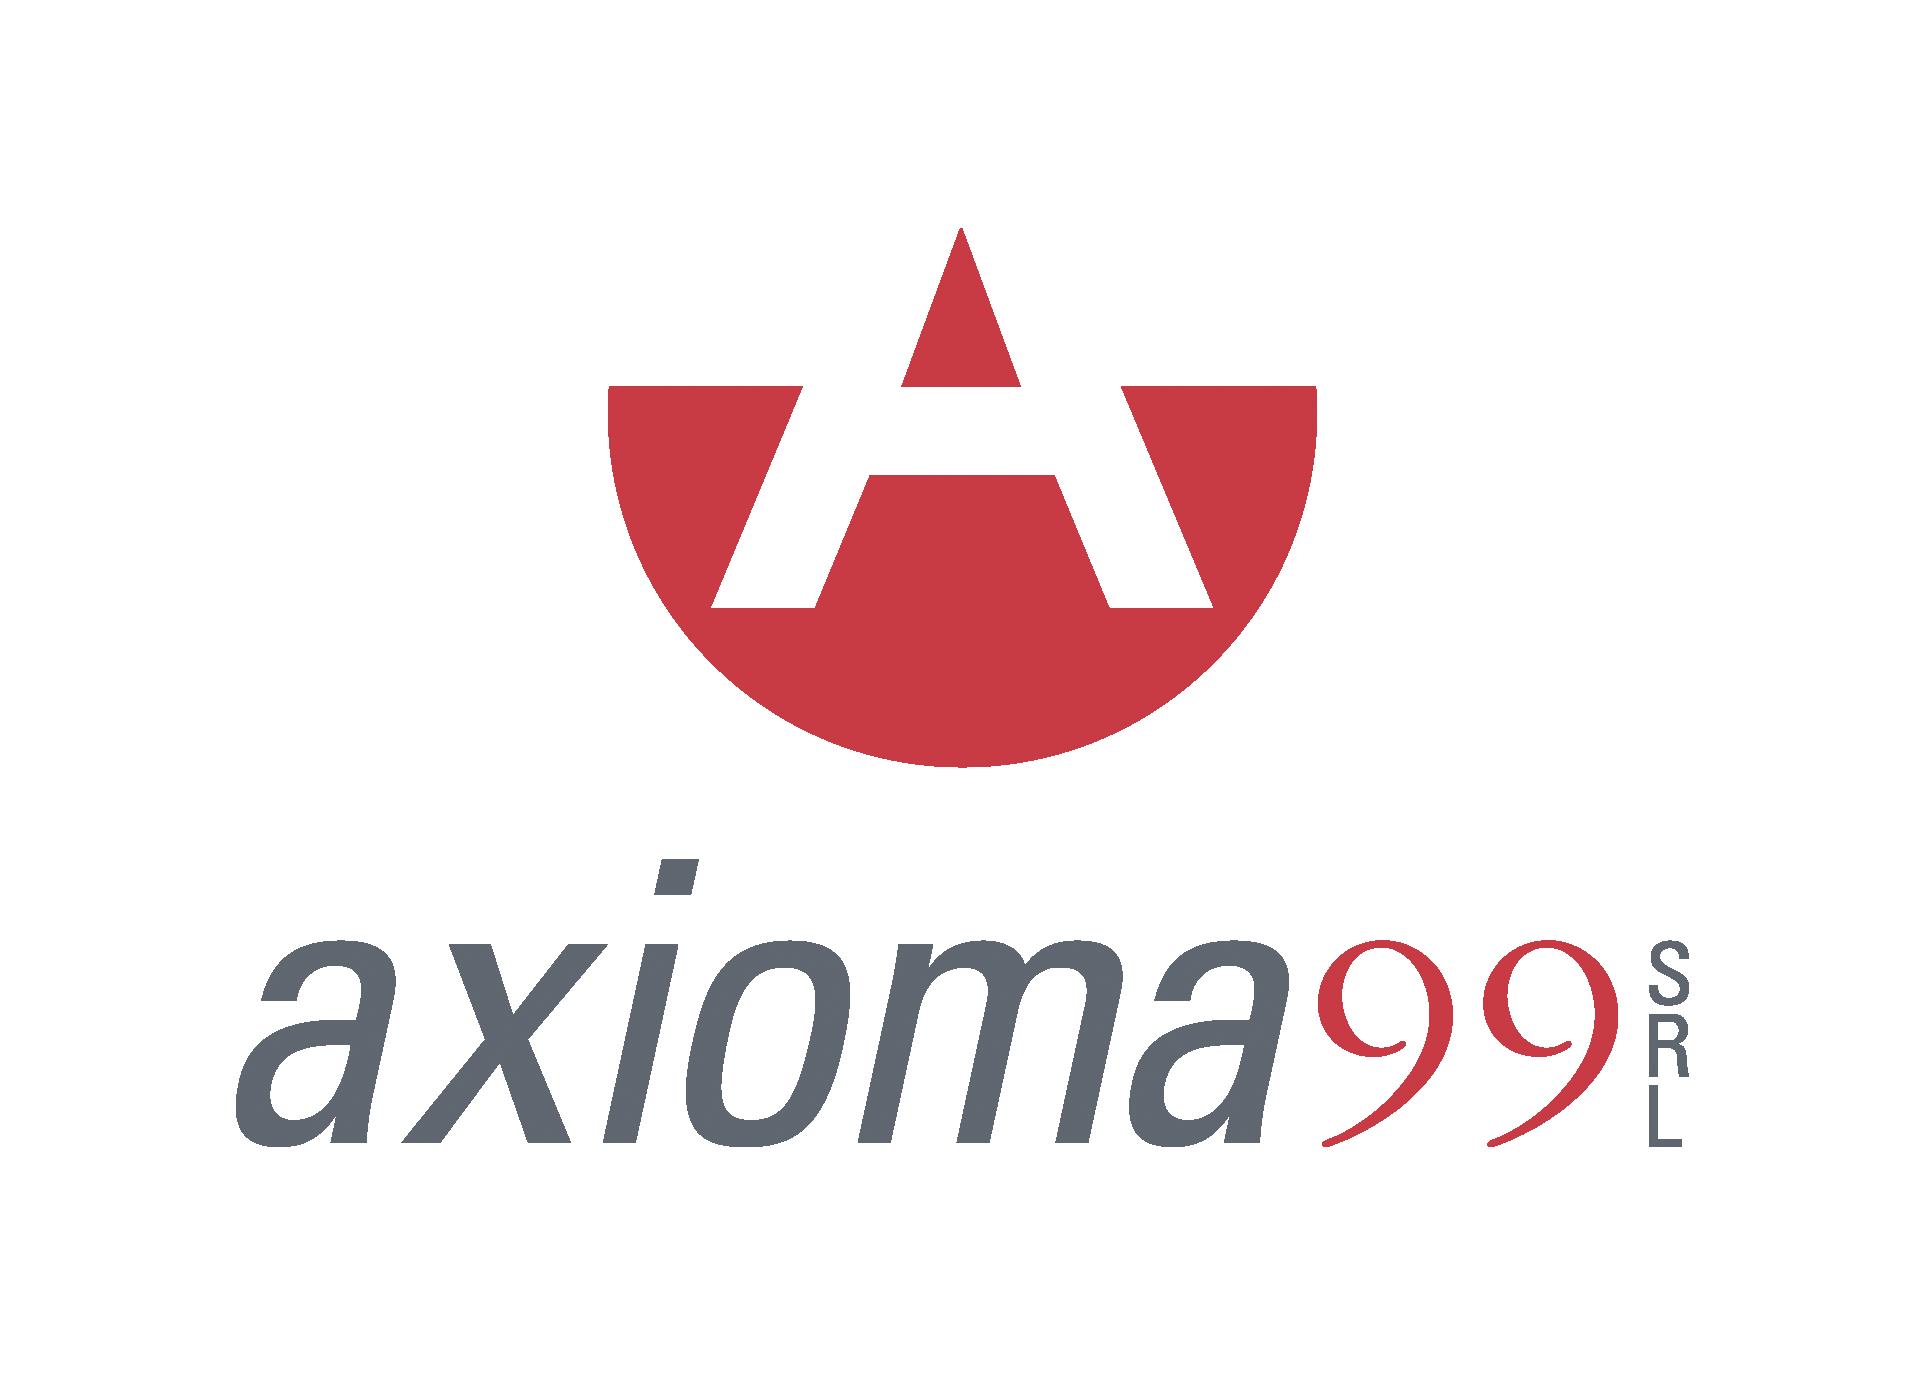 Axioma99